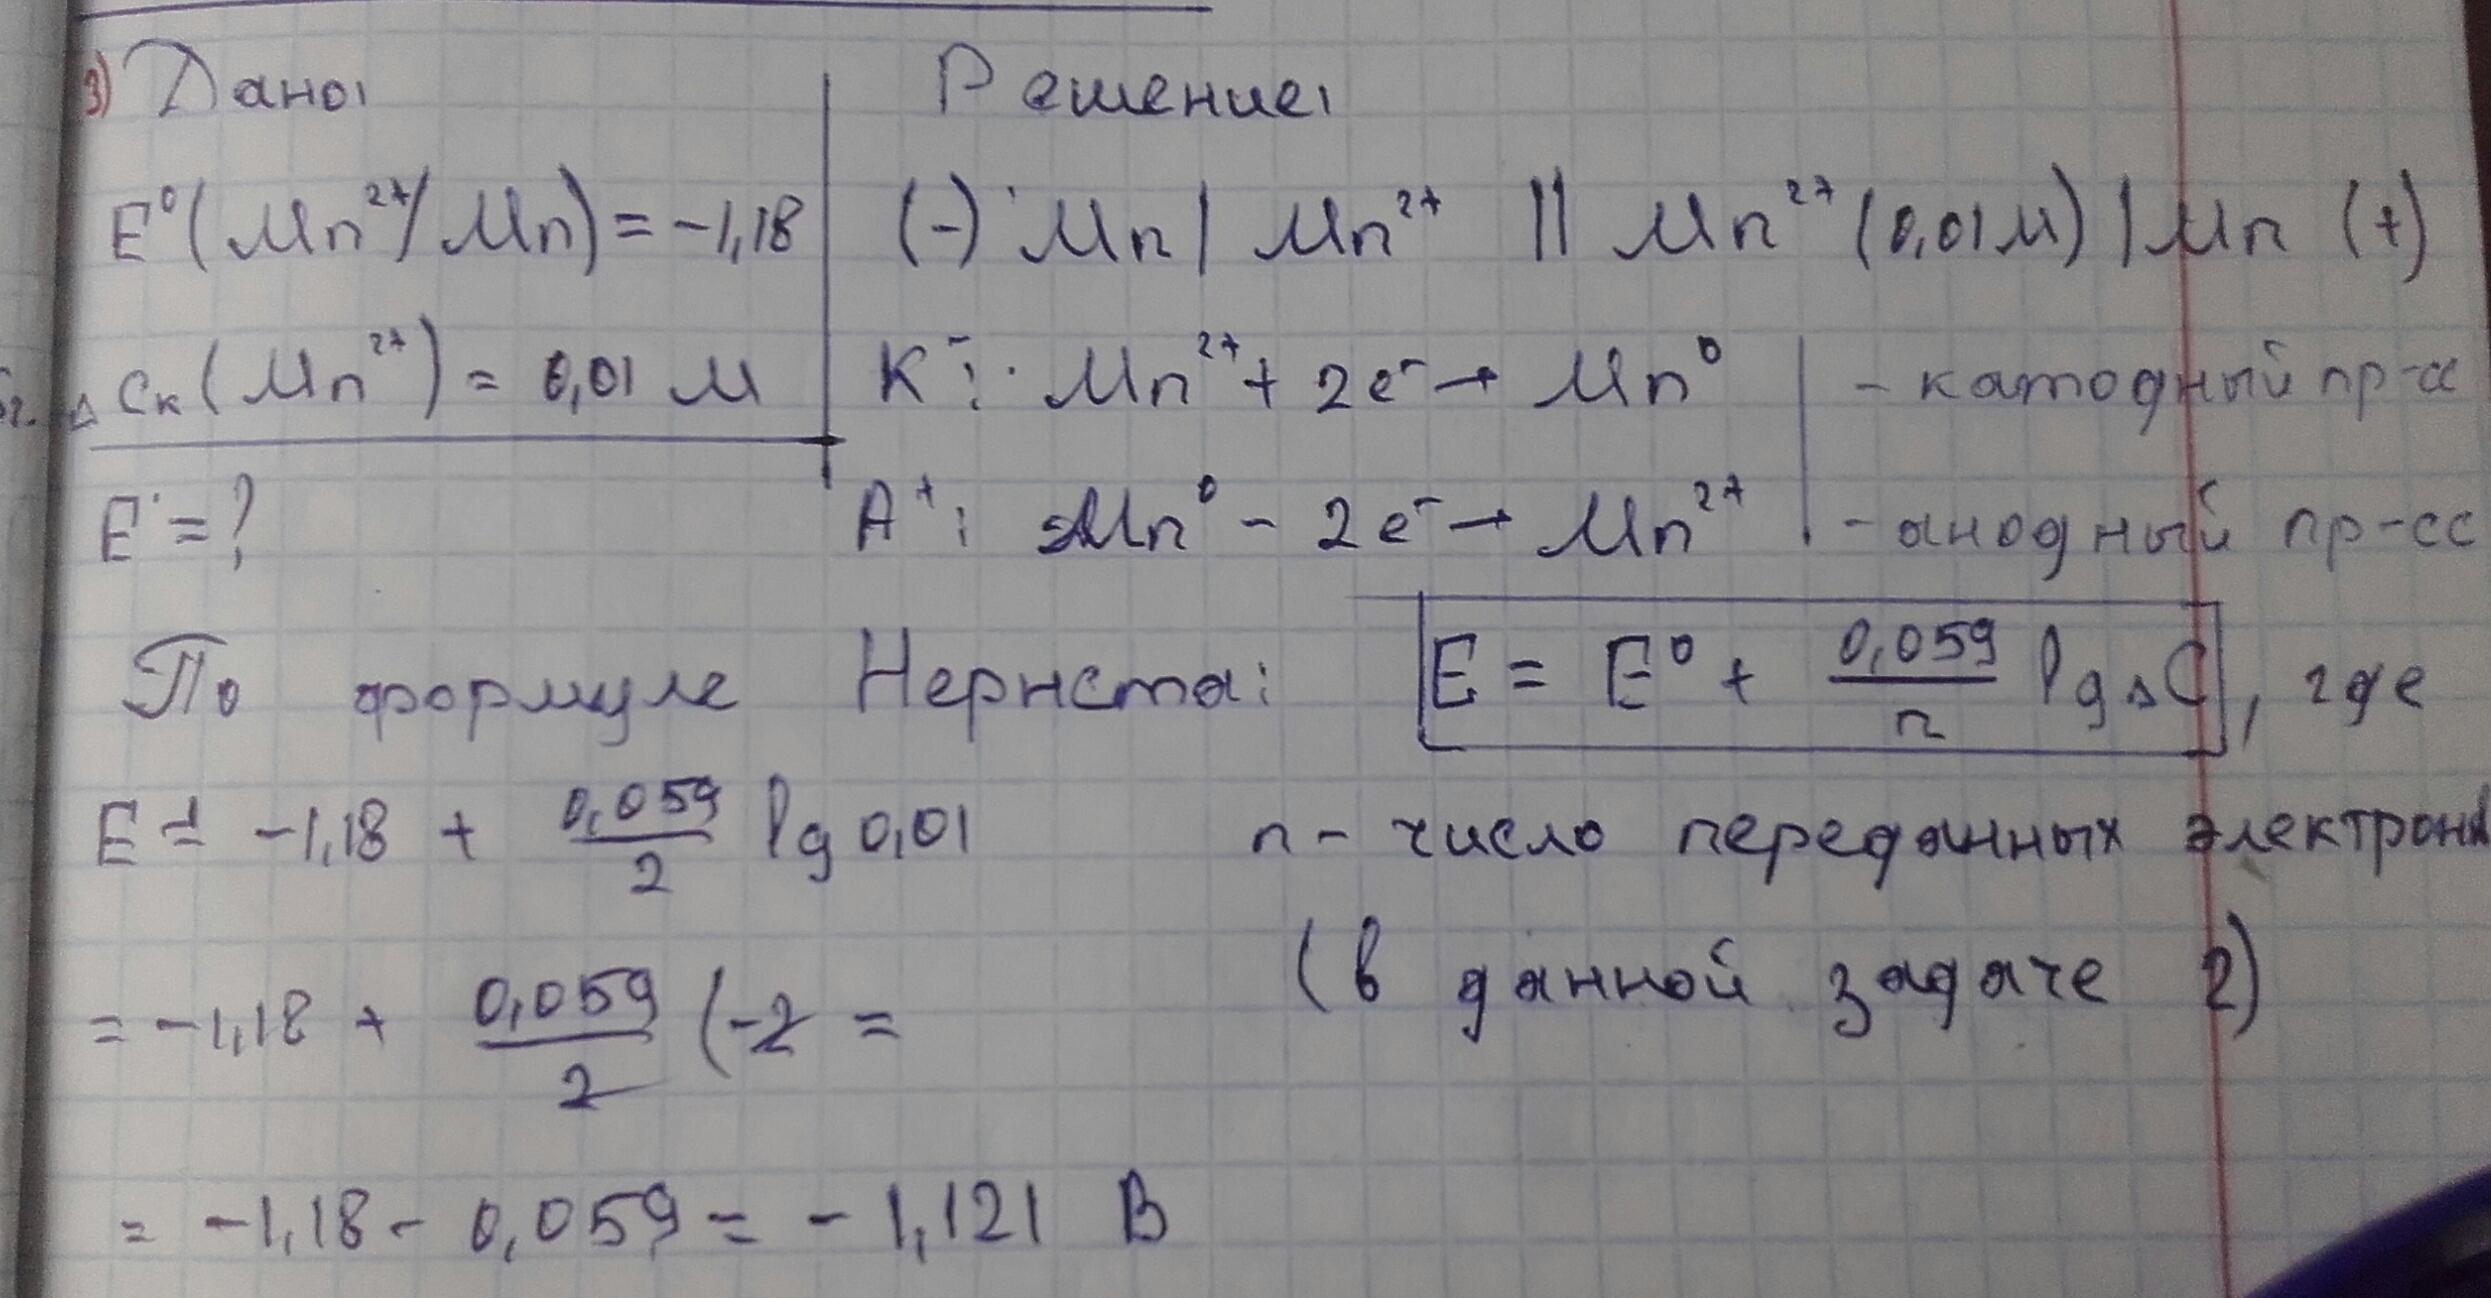 Решение задач на гальванический элемент решение логических математических задач для 2 класса